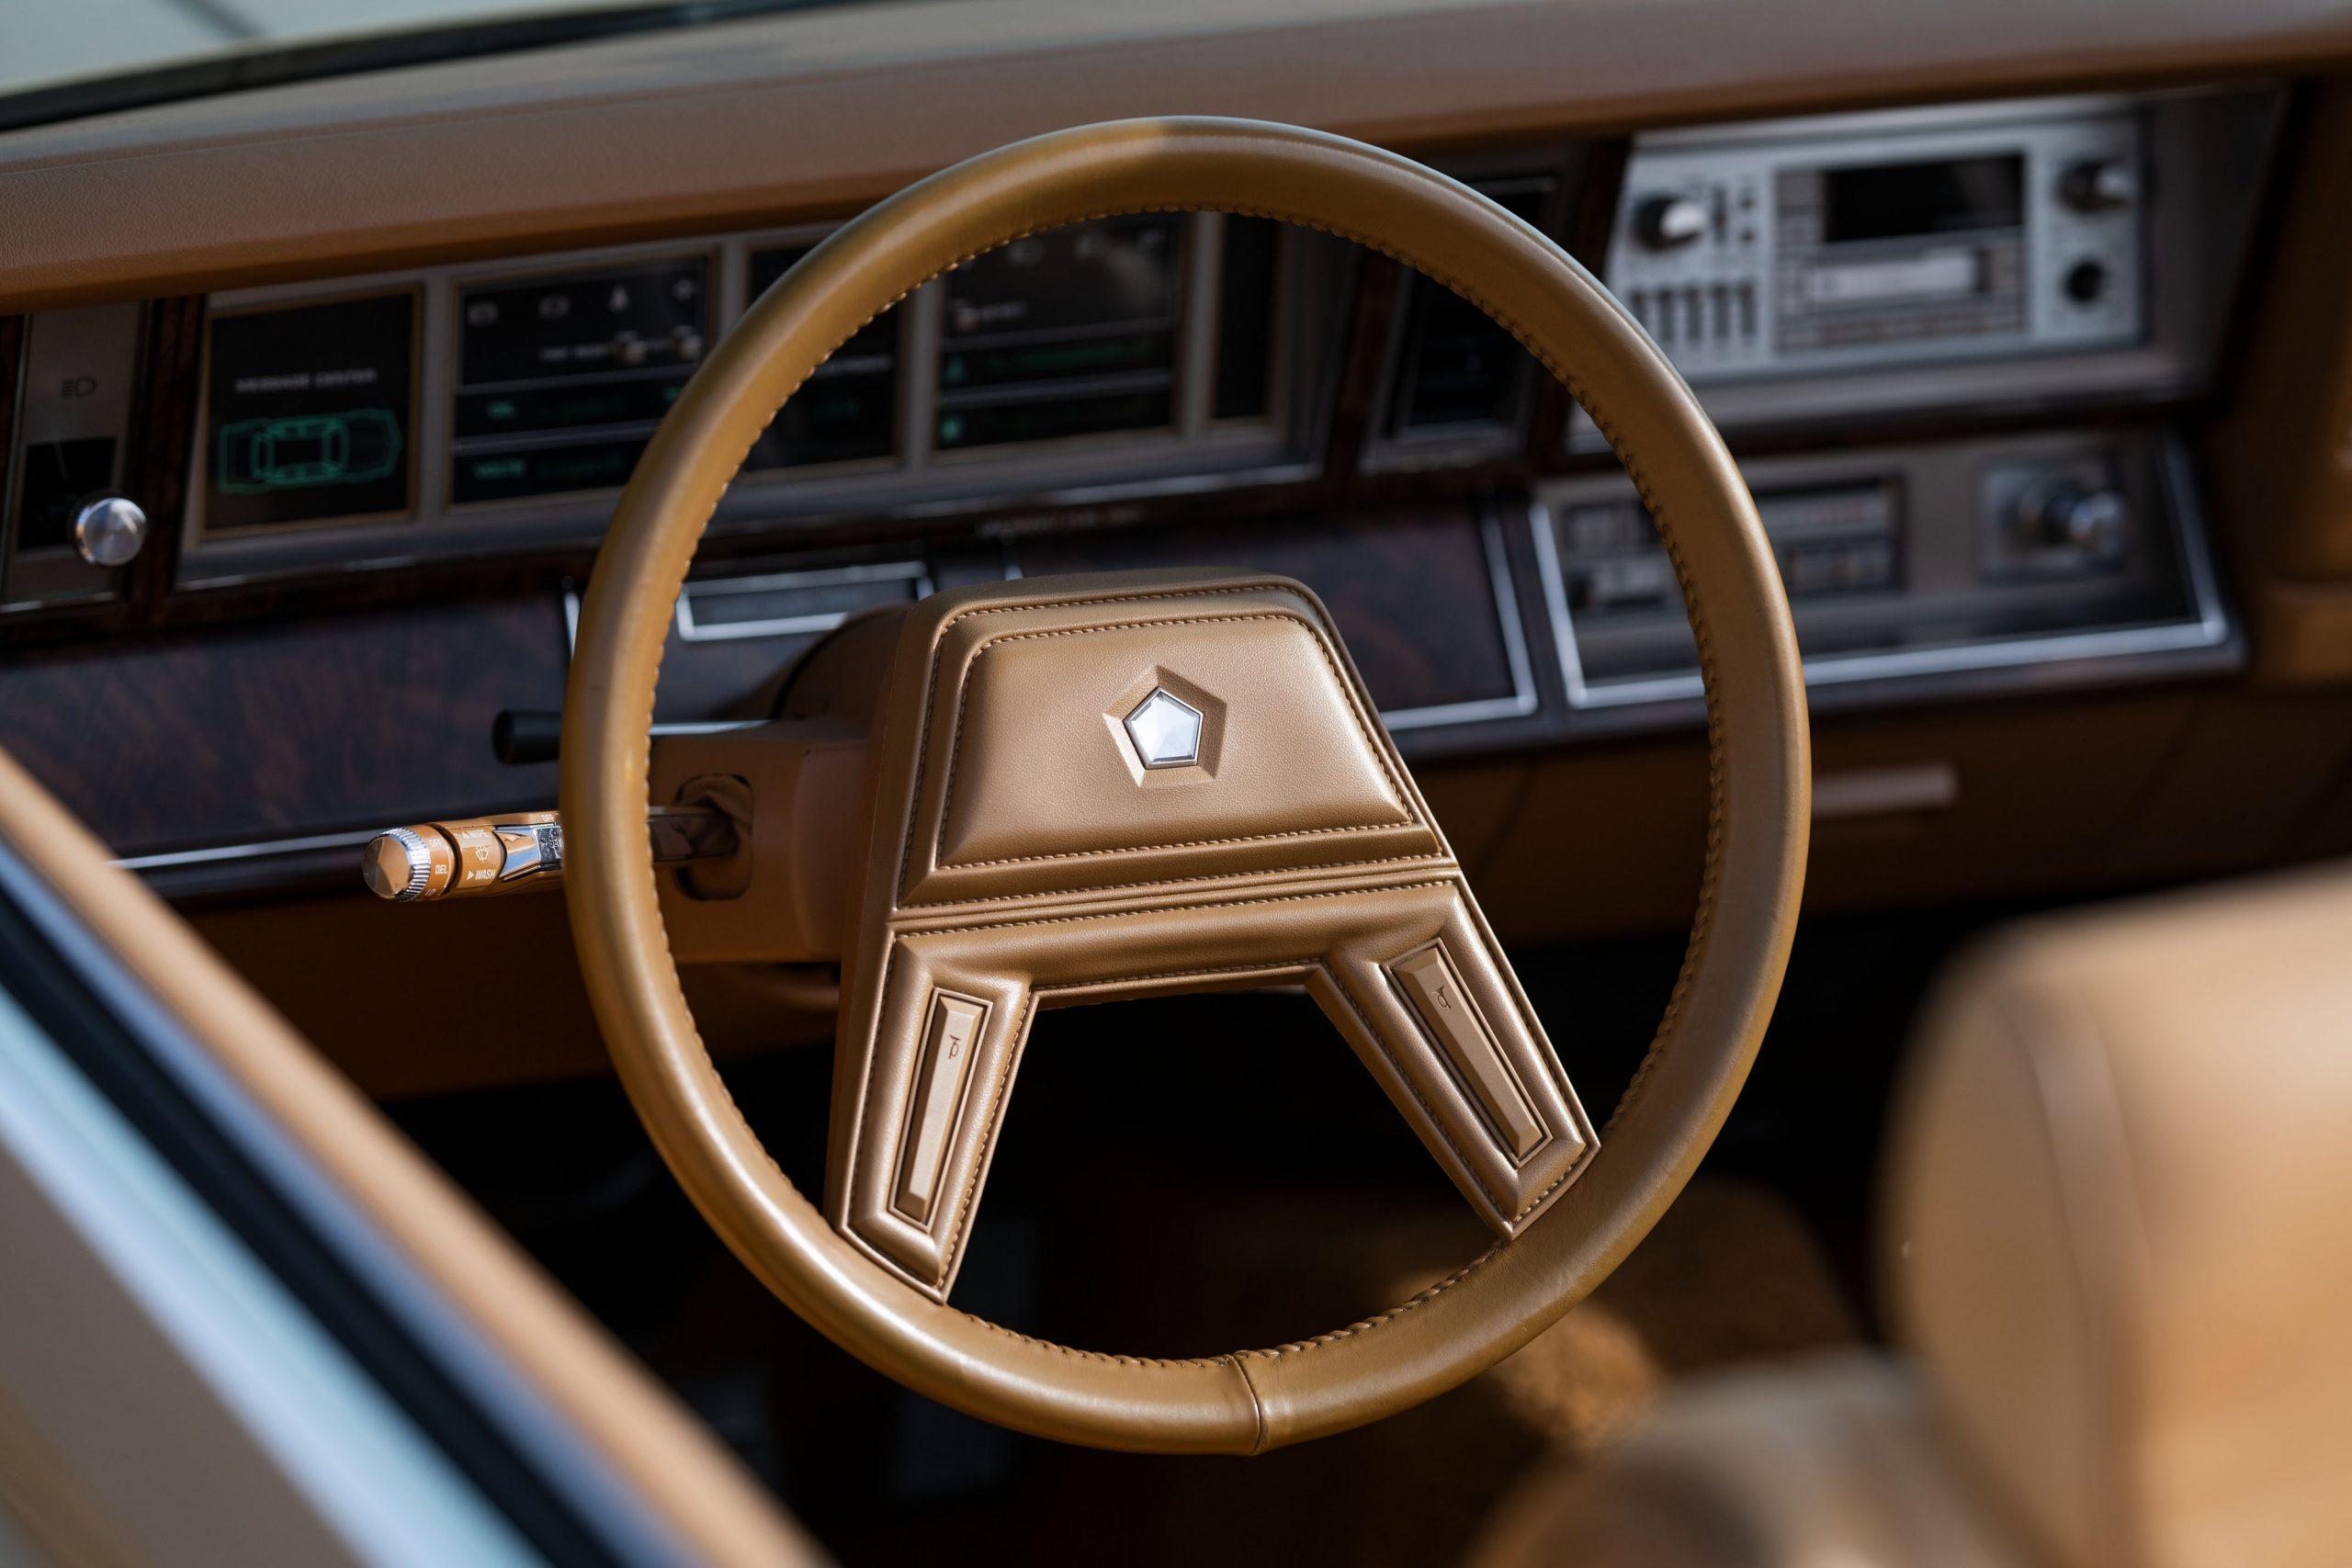 1985-Chrysler-LeBaron interior steering wheel